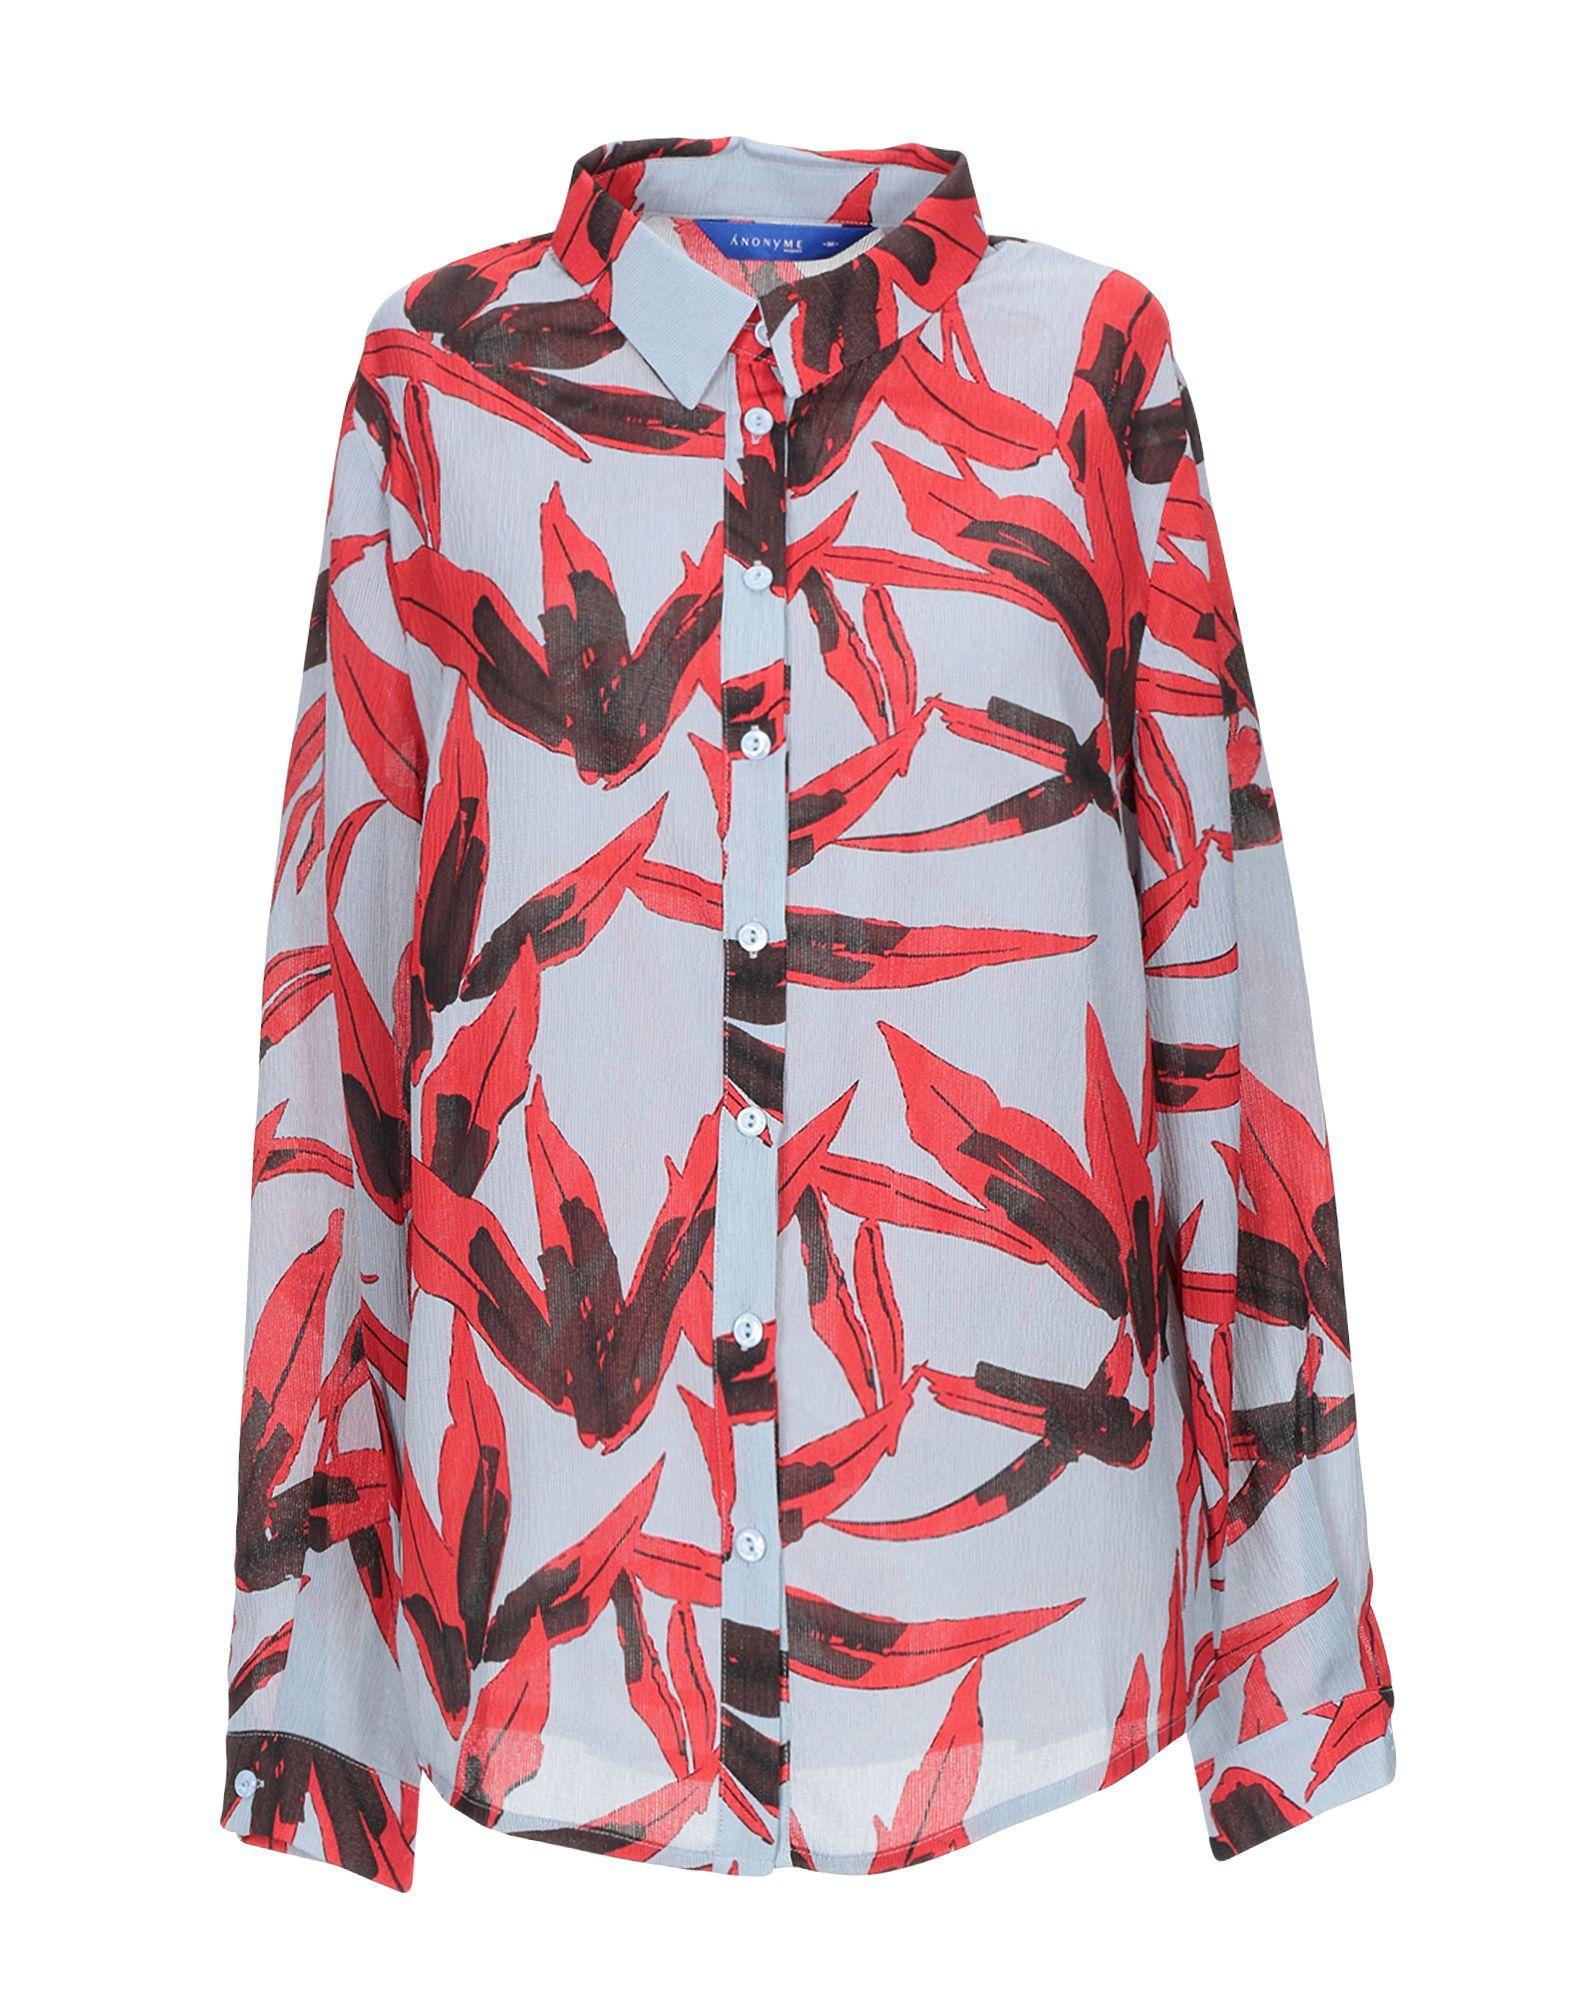 Camicie E bluse A Fiori Fiori Anonyme Designers donna - 38827164OS  Kommen Sie und wählen Sie Ihren eigenen Sportstil